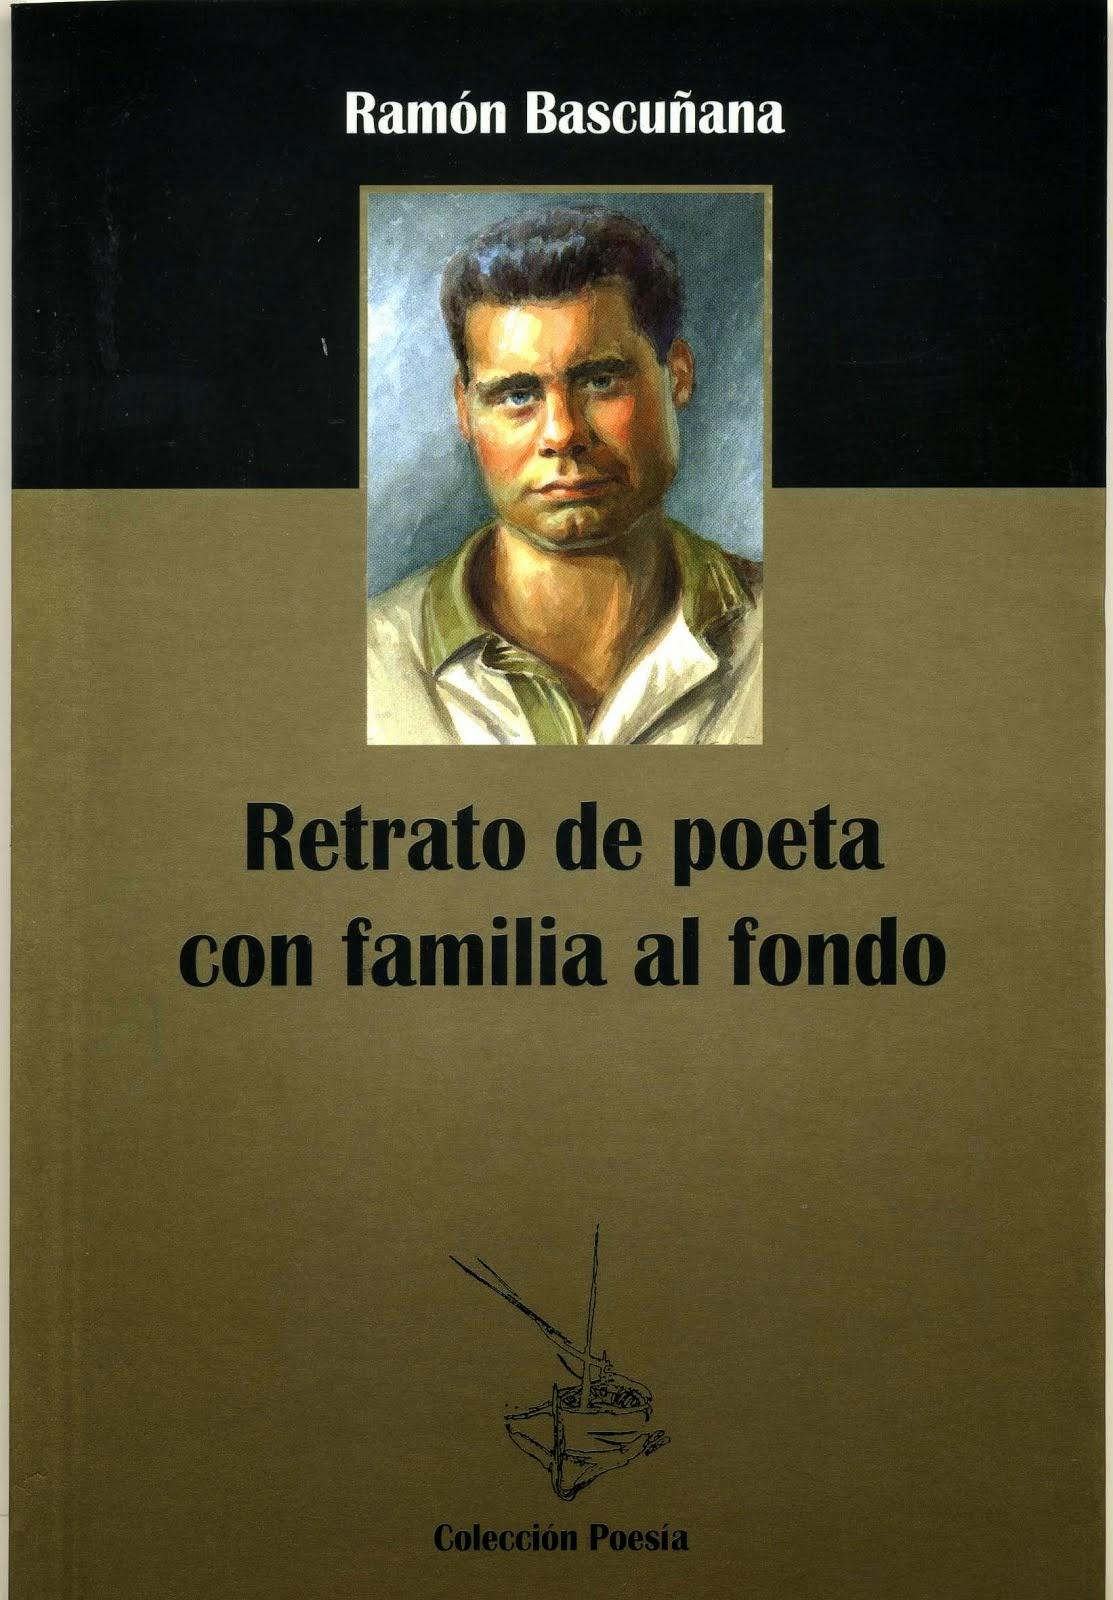 RETRATO DE POETA CON FAMILIA AL FONDO [2003]